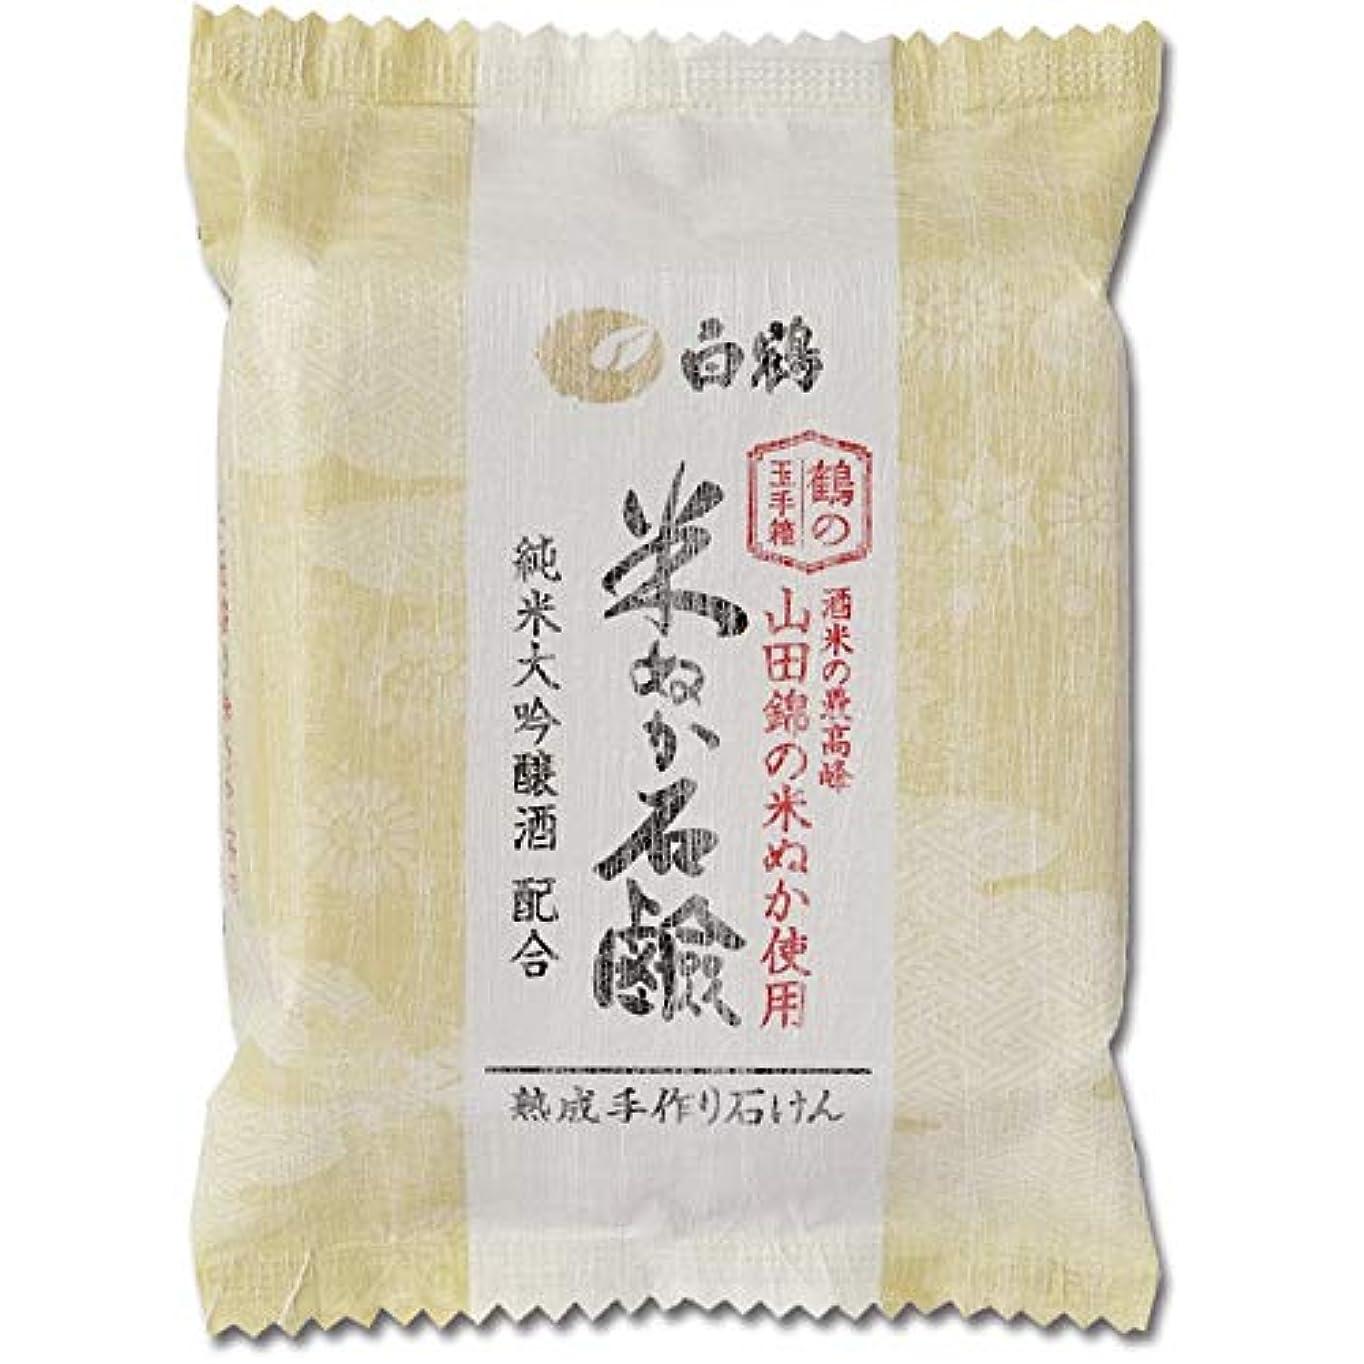 意味のある有名なヘッジ白鶴 鶴の玉手箱 米ぬか石けん 100g (全身用石鹸)